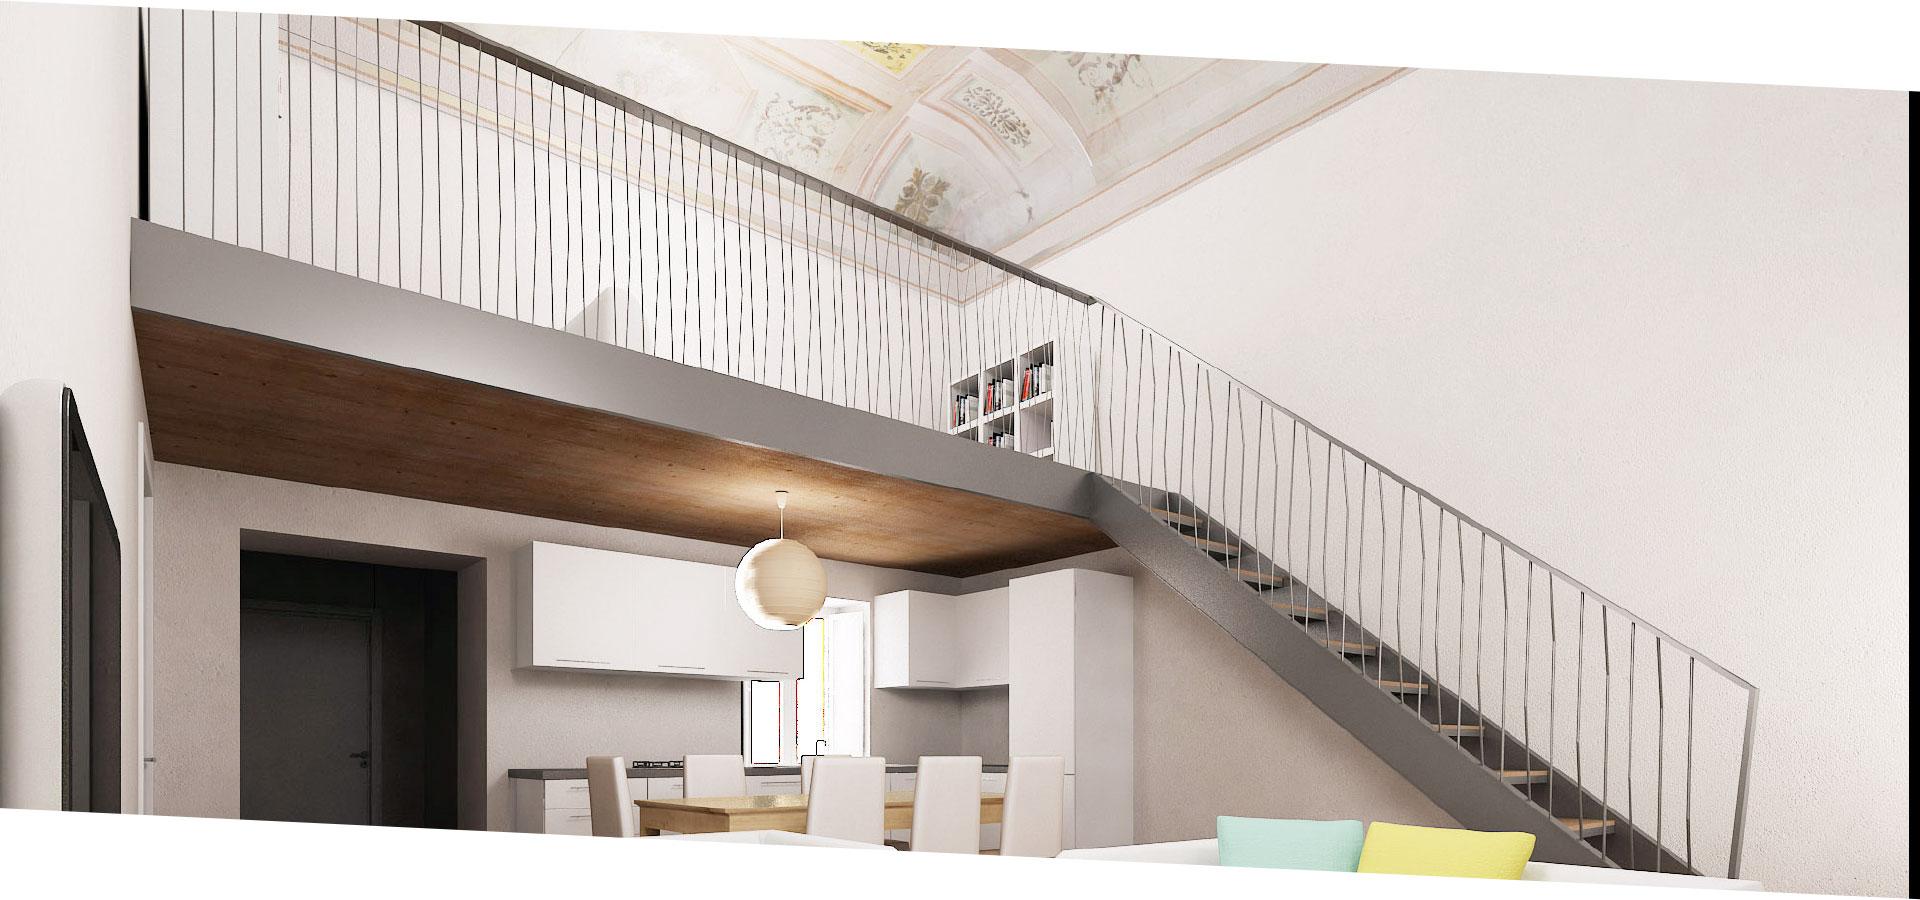 Gli appartamenti coniugano tradizione e modernità